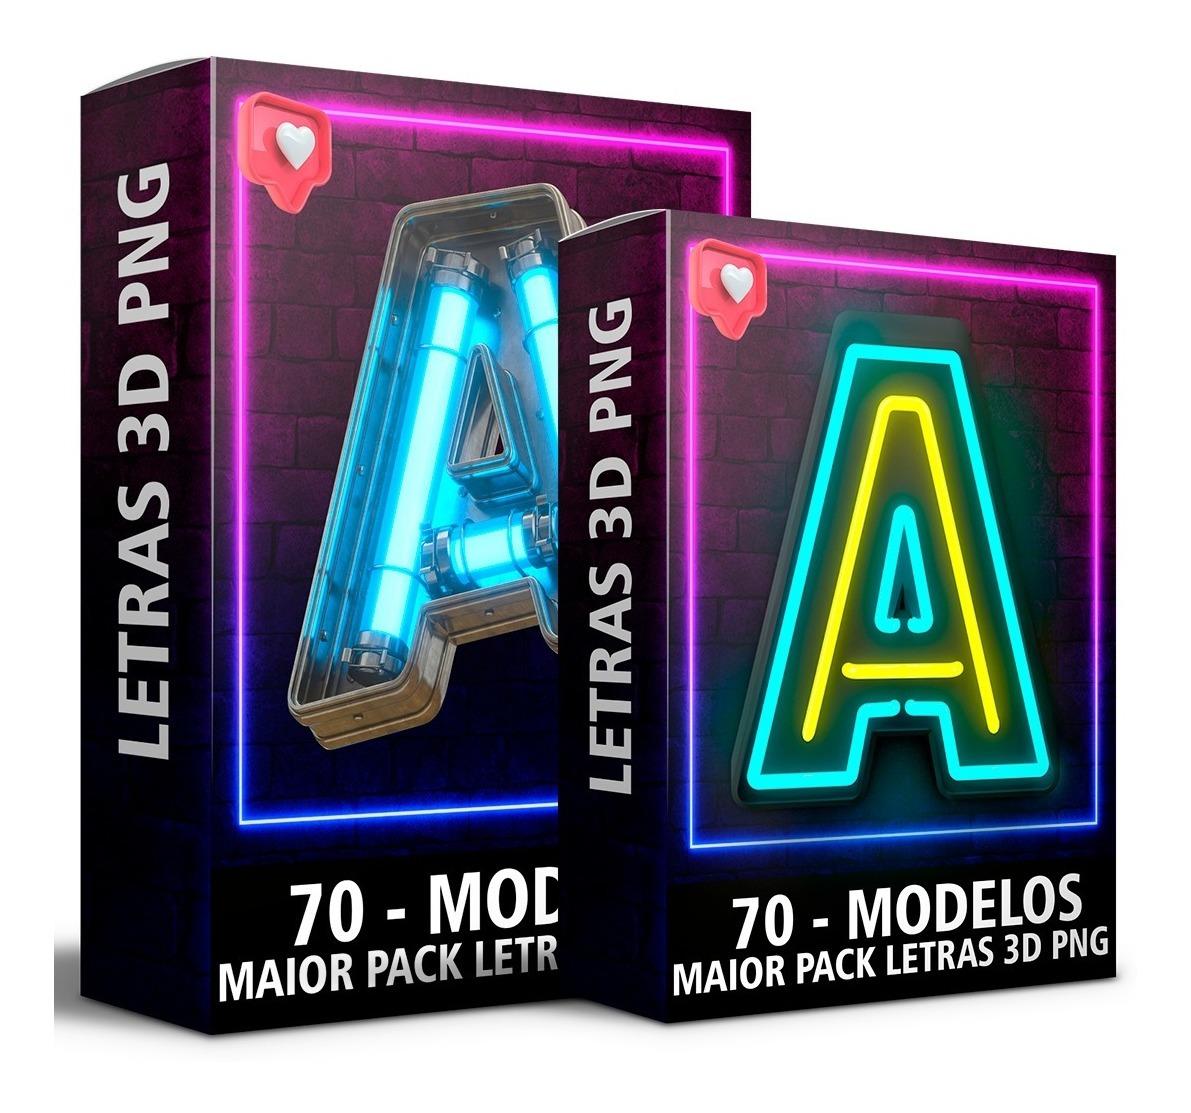 60 Modelos De Letras 3d Png Alta Resolucao Madeira Balao N R